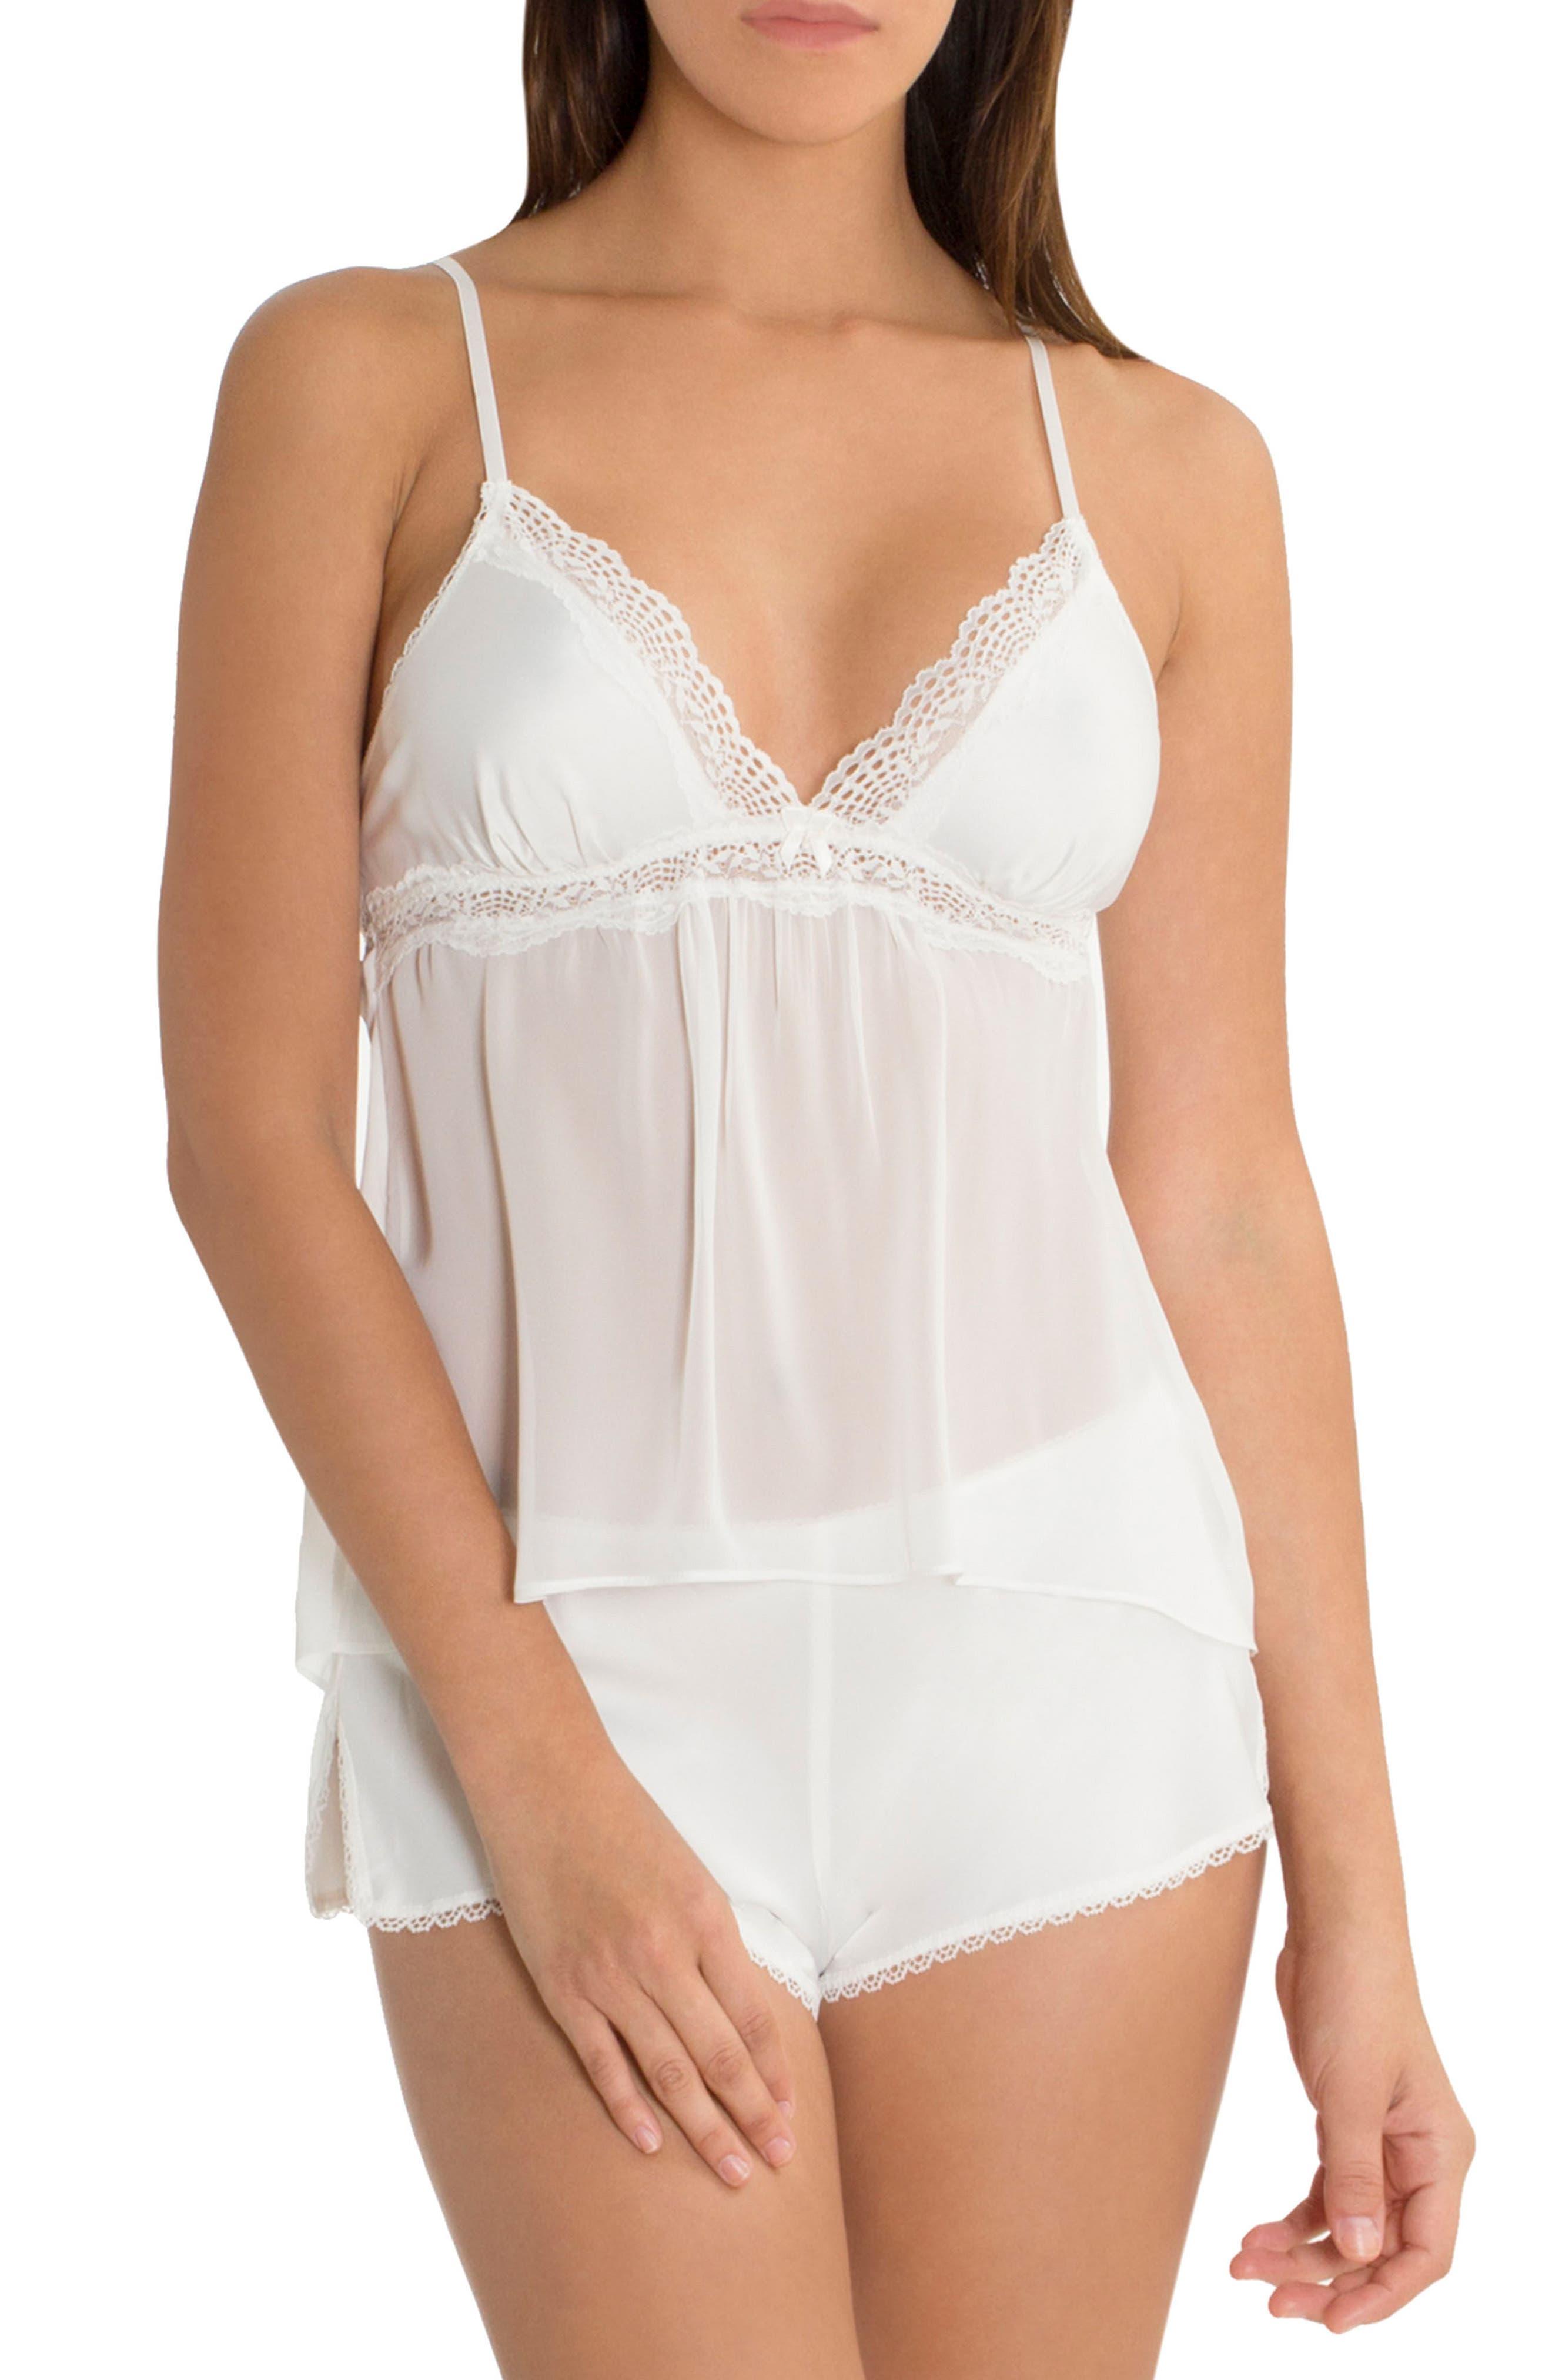 Marble Wash Pajamas,                             Main thumbnail 1, color,                             Off White